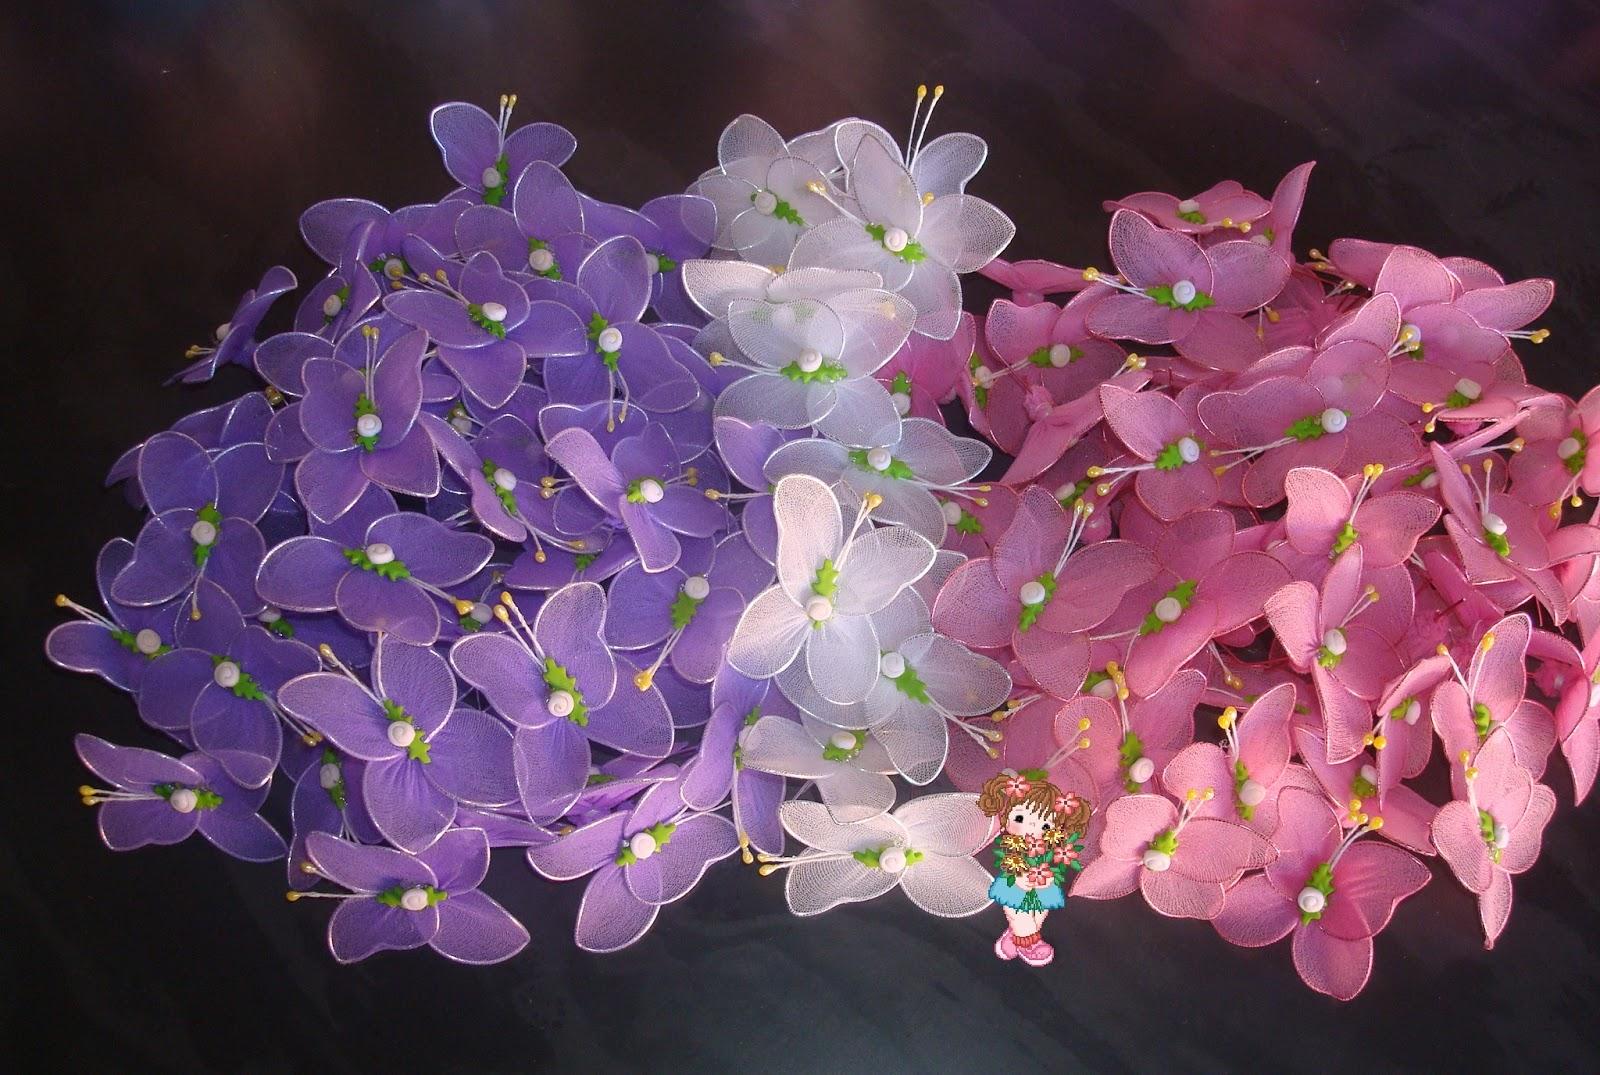 enfeites para festa infantil jardim encantado:enfeites para festa infantil borboletas jardim encantado